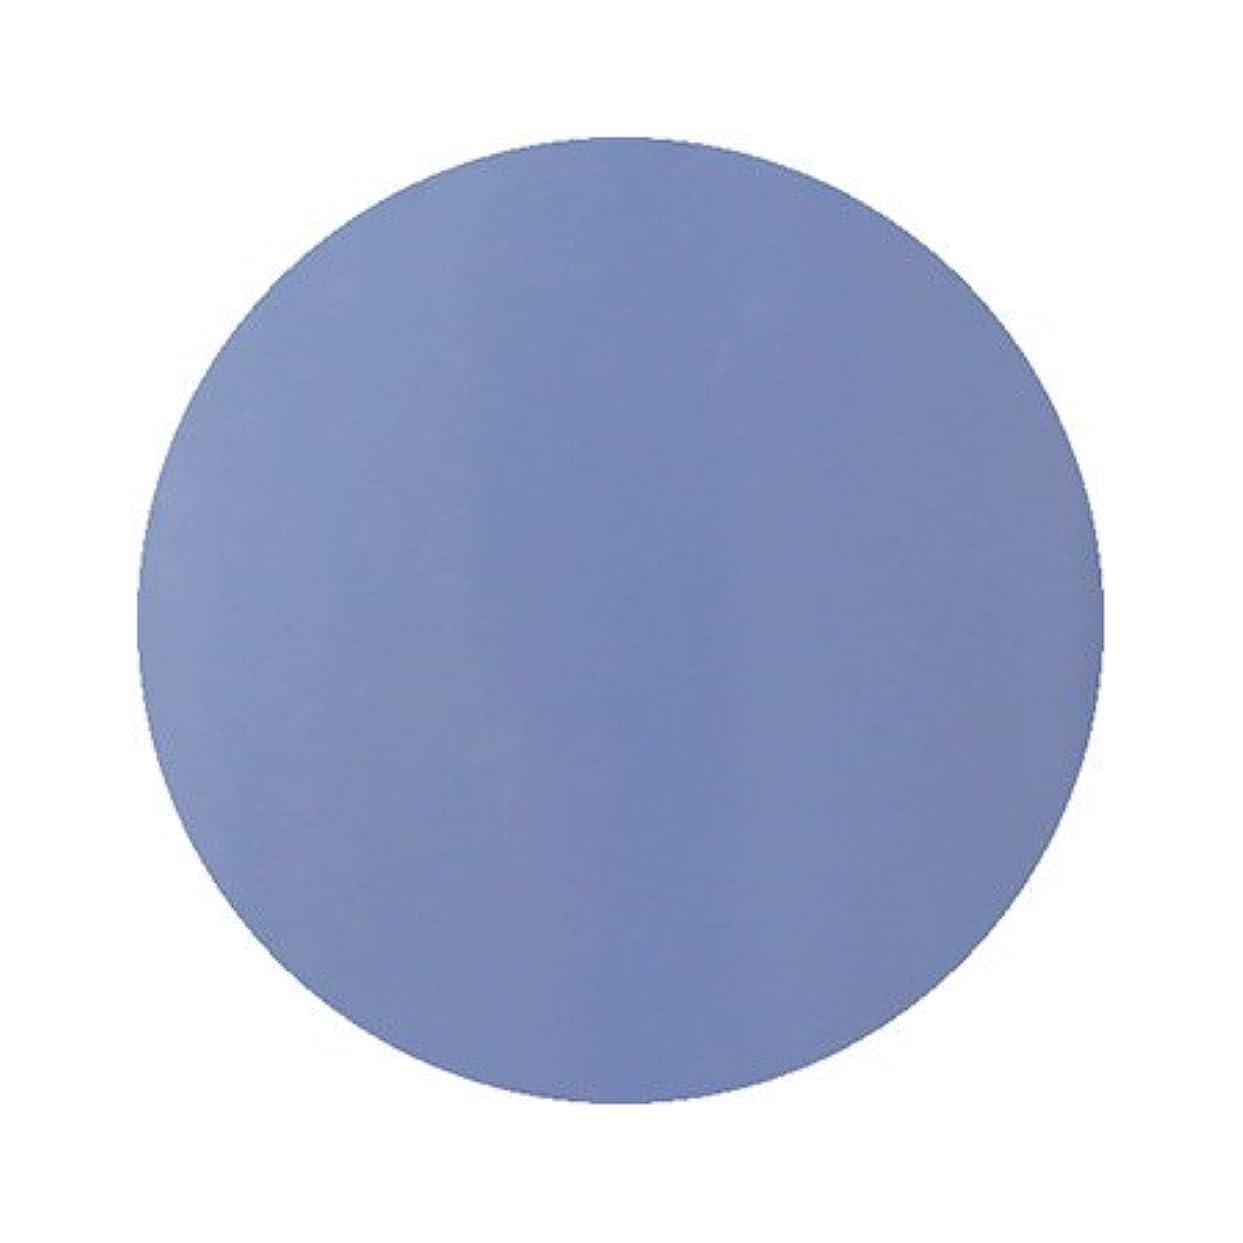 インシデント議会懇願するパラポリッシュ ハイブリッドカラージェル M10 ラベンダーブルー 7g